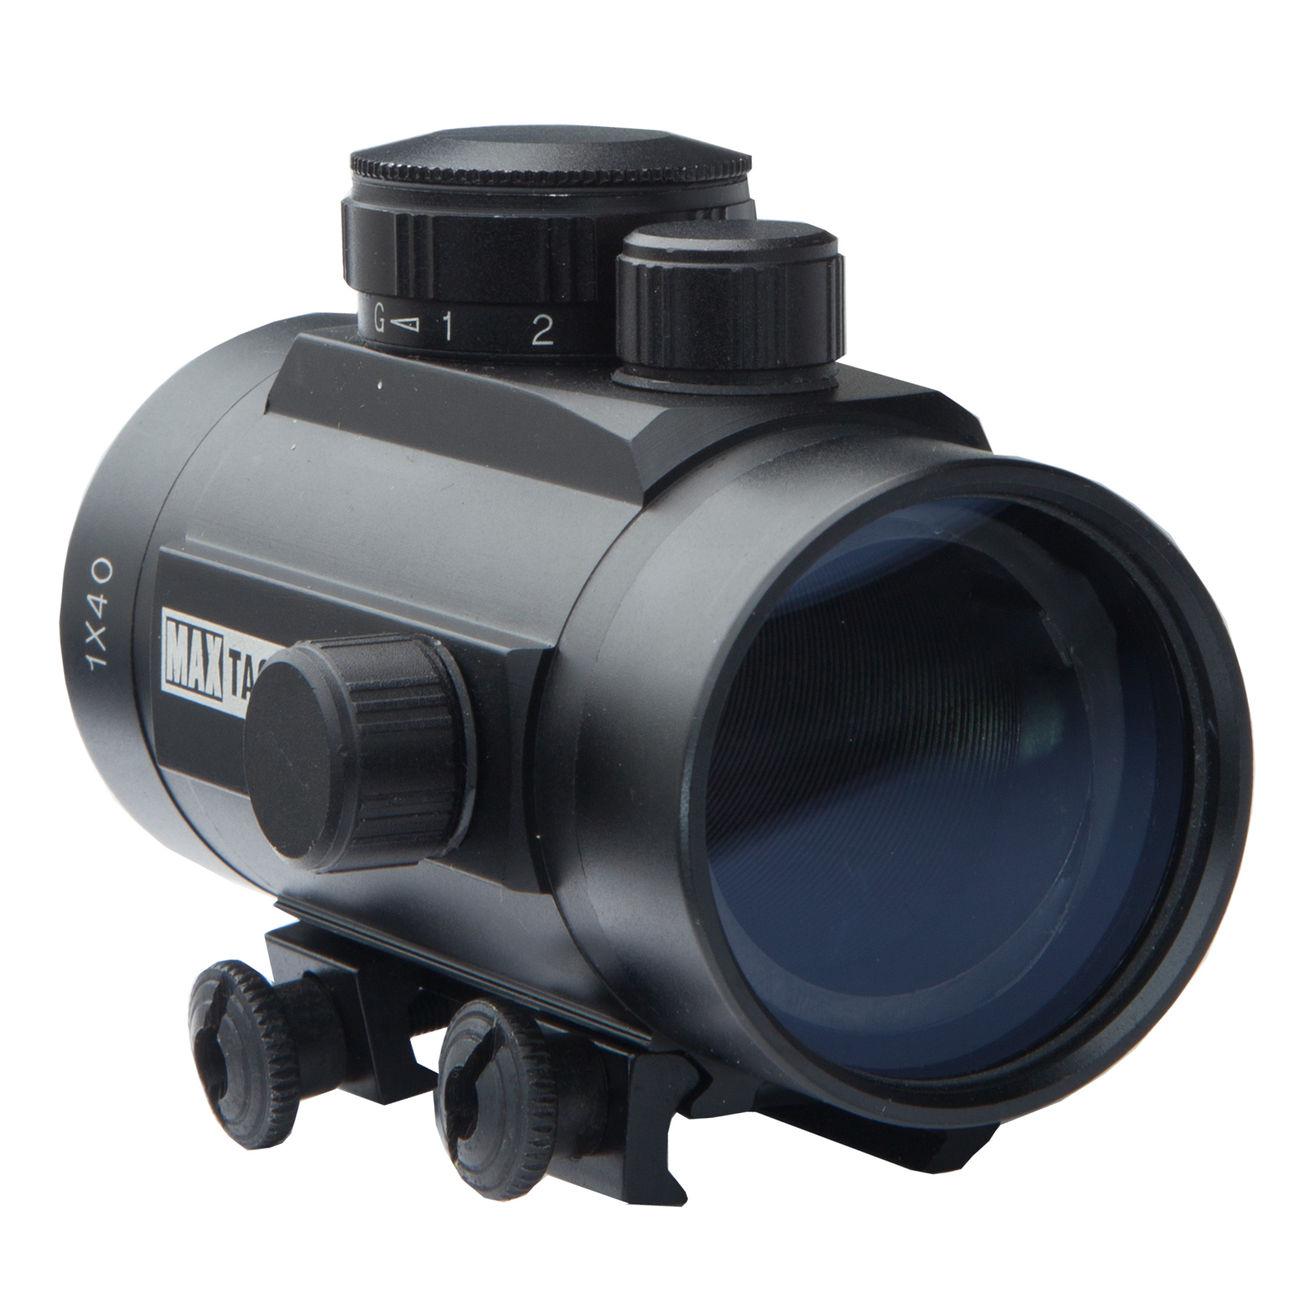 Max Tactical Leuchtpunktzielgerät 1x40 Red Dot für 22 mm Schiene